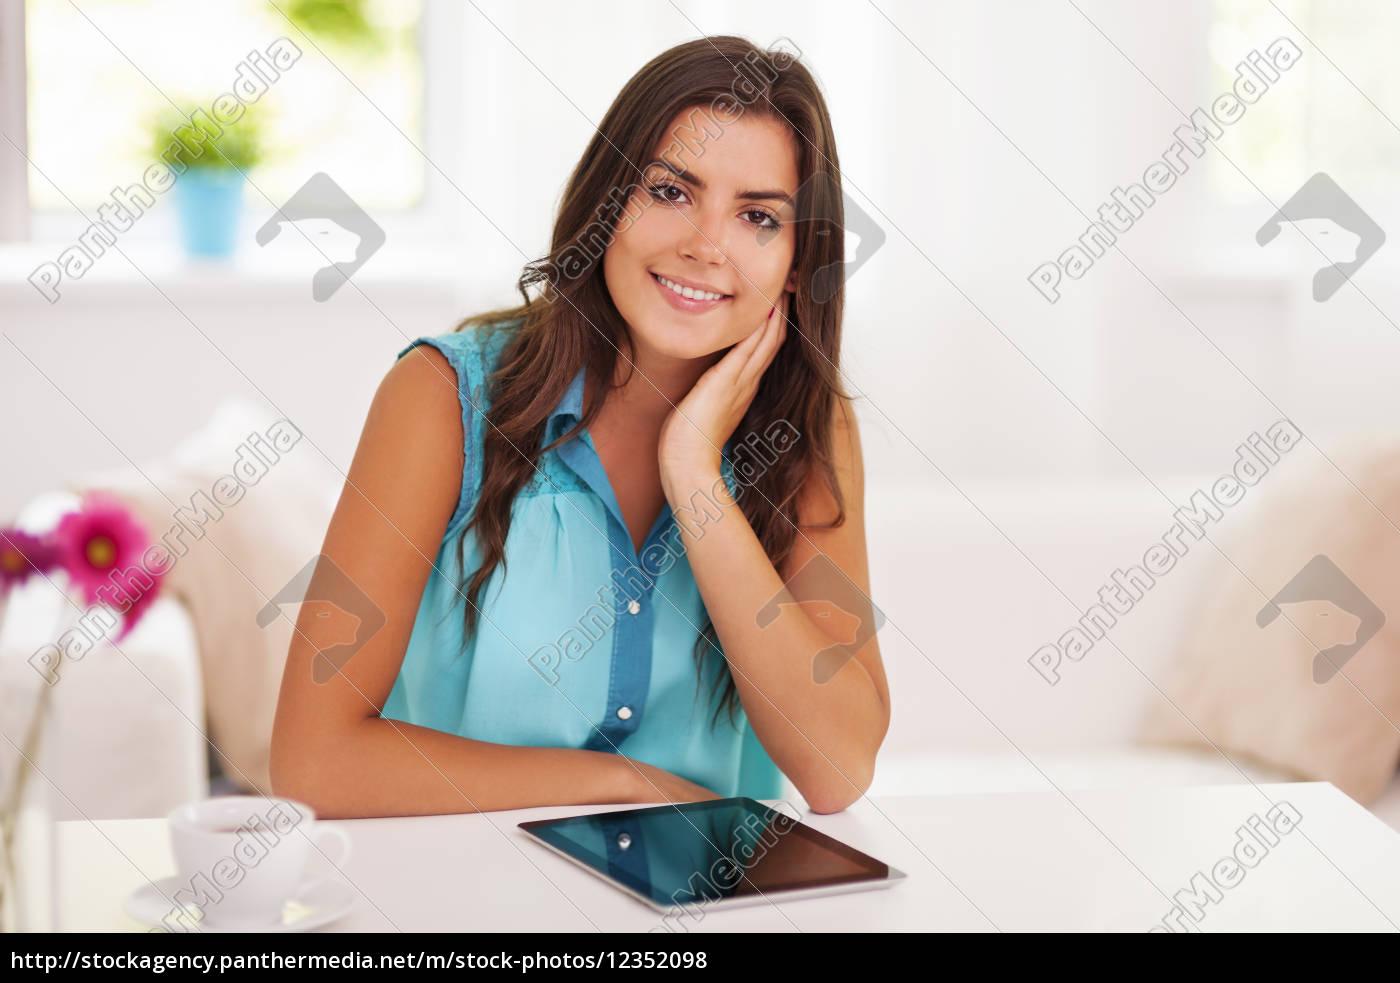 bella, donna, con, tablet, digitale - 12352098